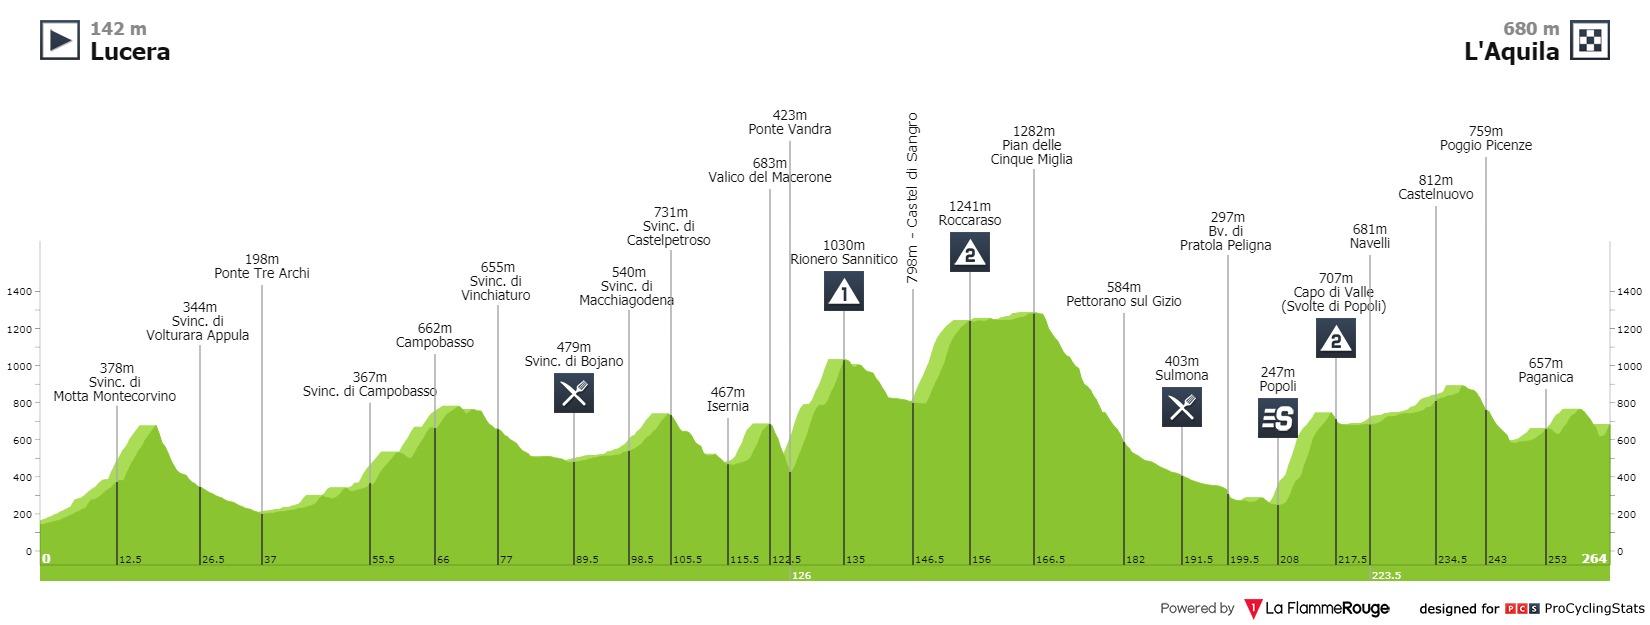 Top Moments Giro d'Italia 2010. Tappa 11 Lucera - L'Aquila